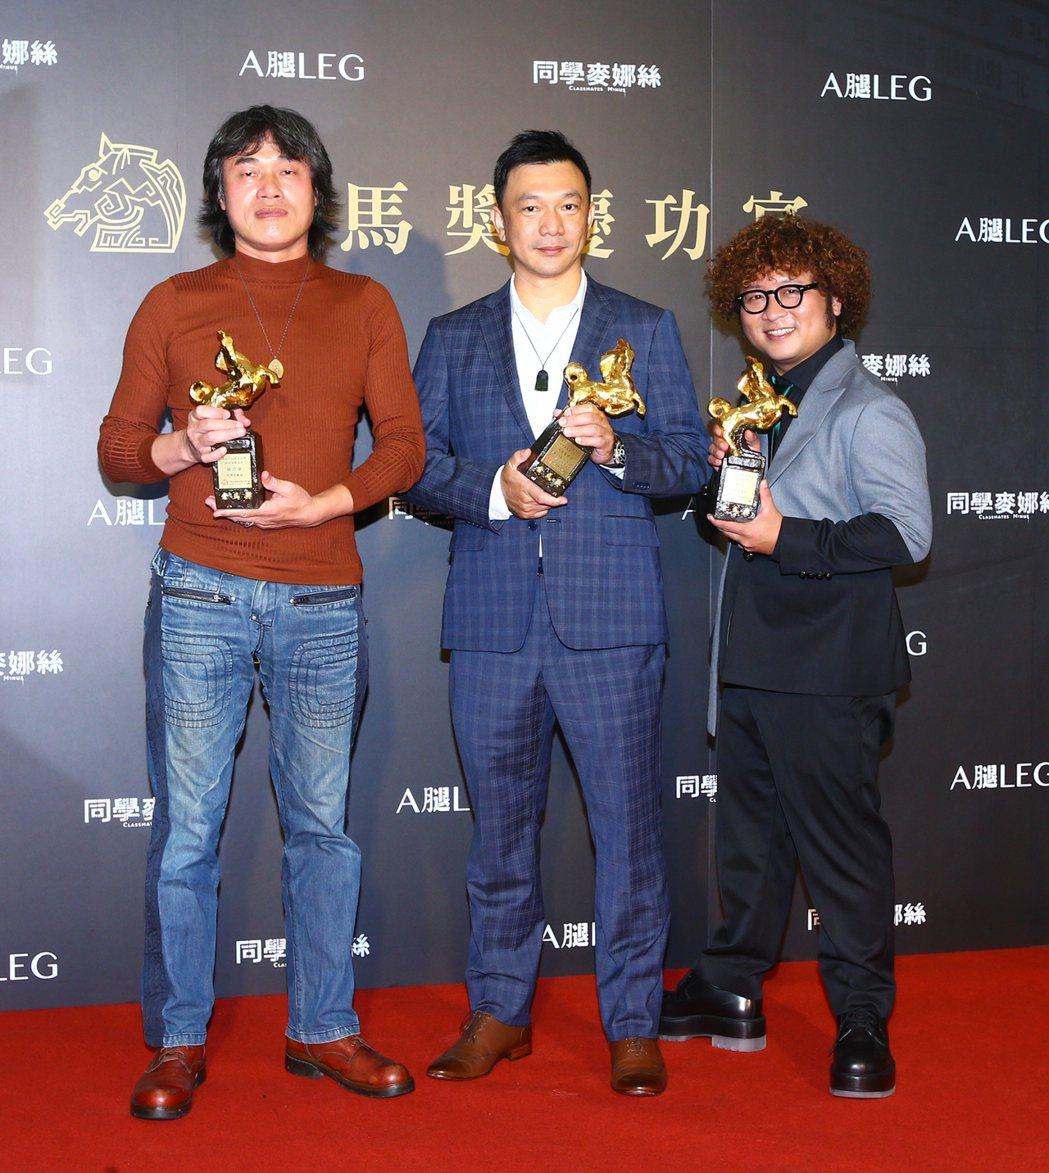 導演黃信堯(中)、趙思豪(左)、納豆(右)典禮結束後出席慶功宴。記者葉信菉/攝影